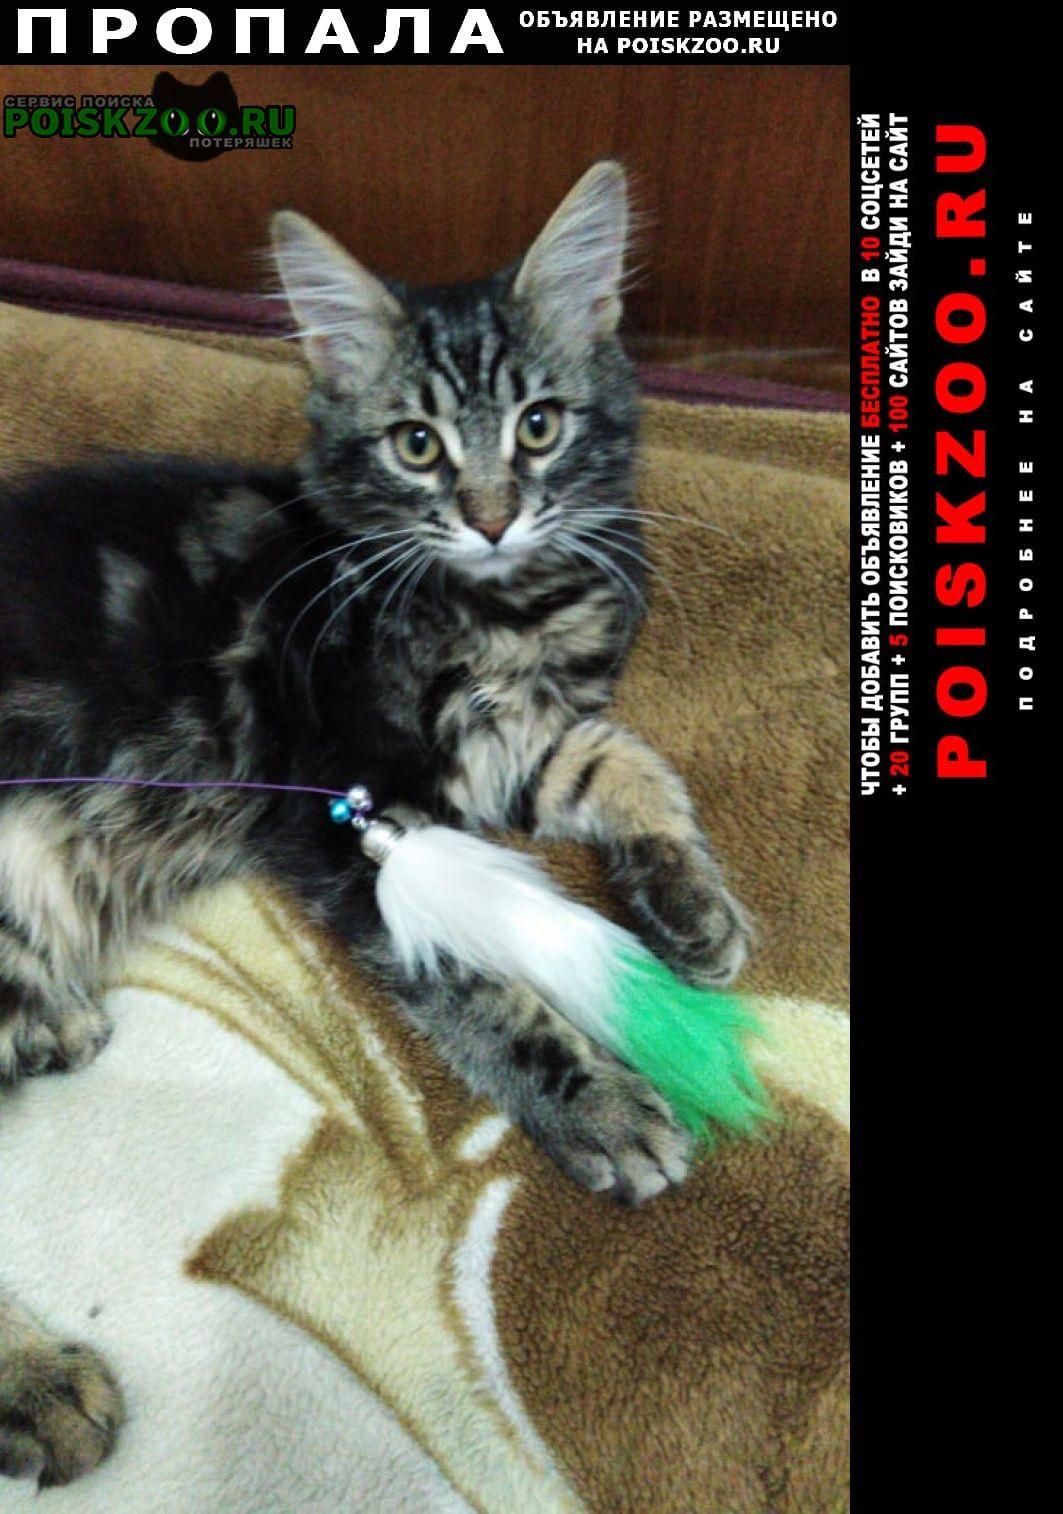 Пропала кошка кот мейн-кун Кольчугино